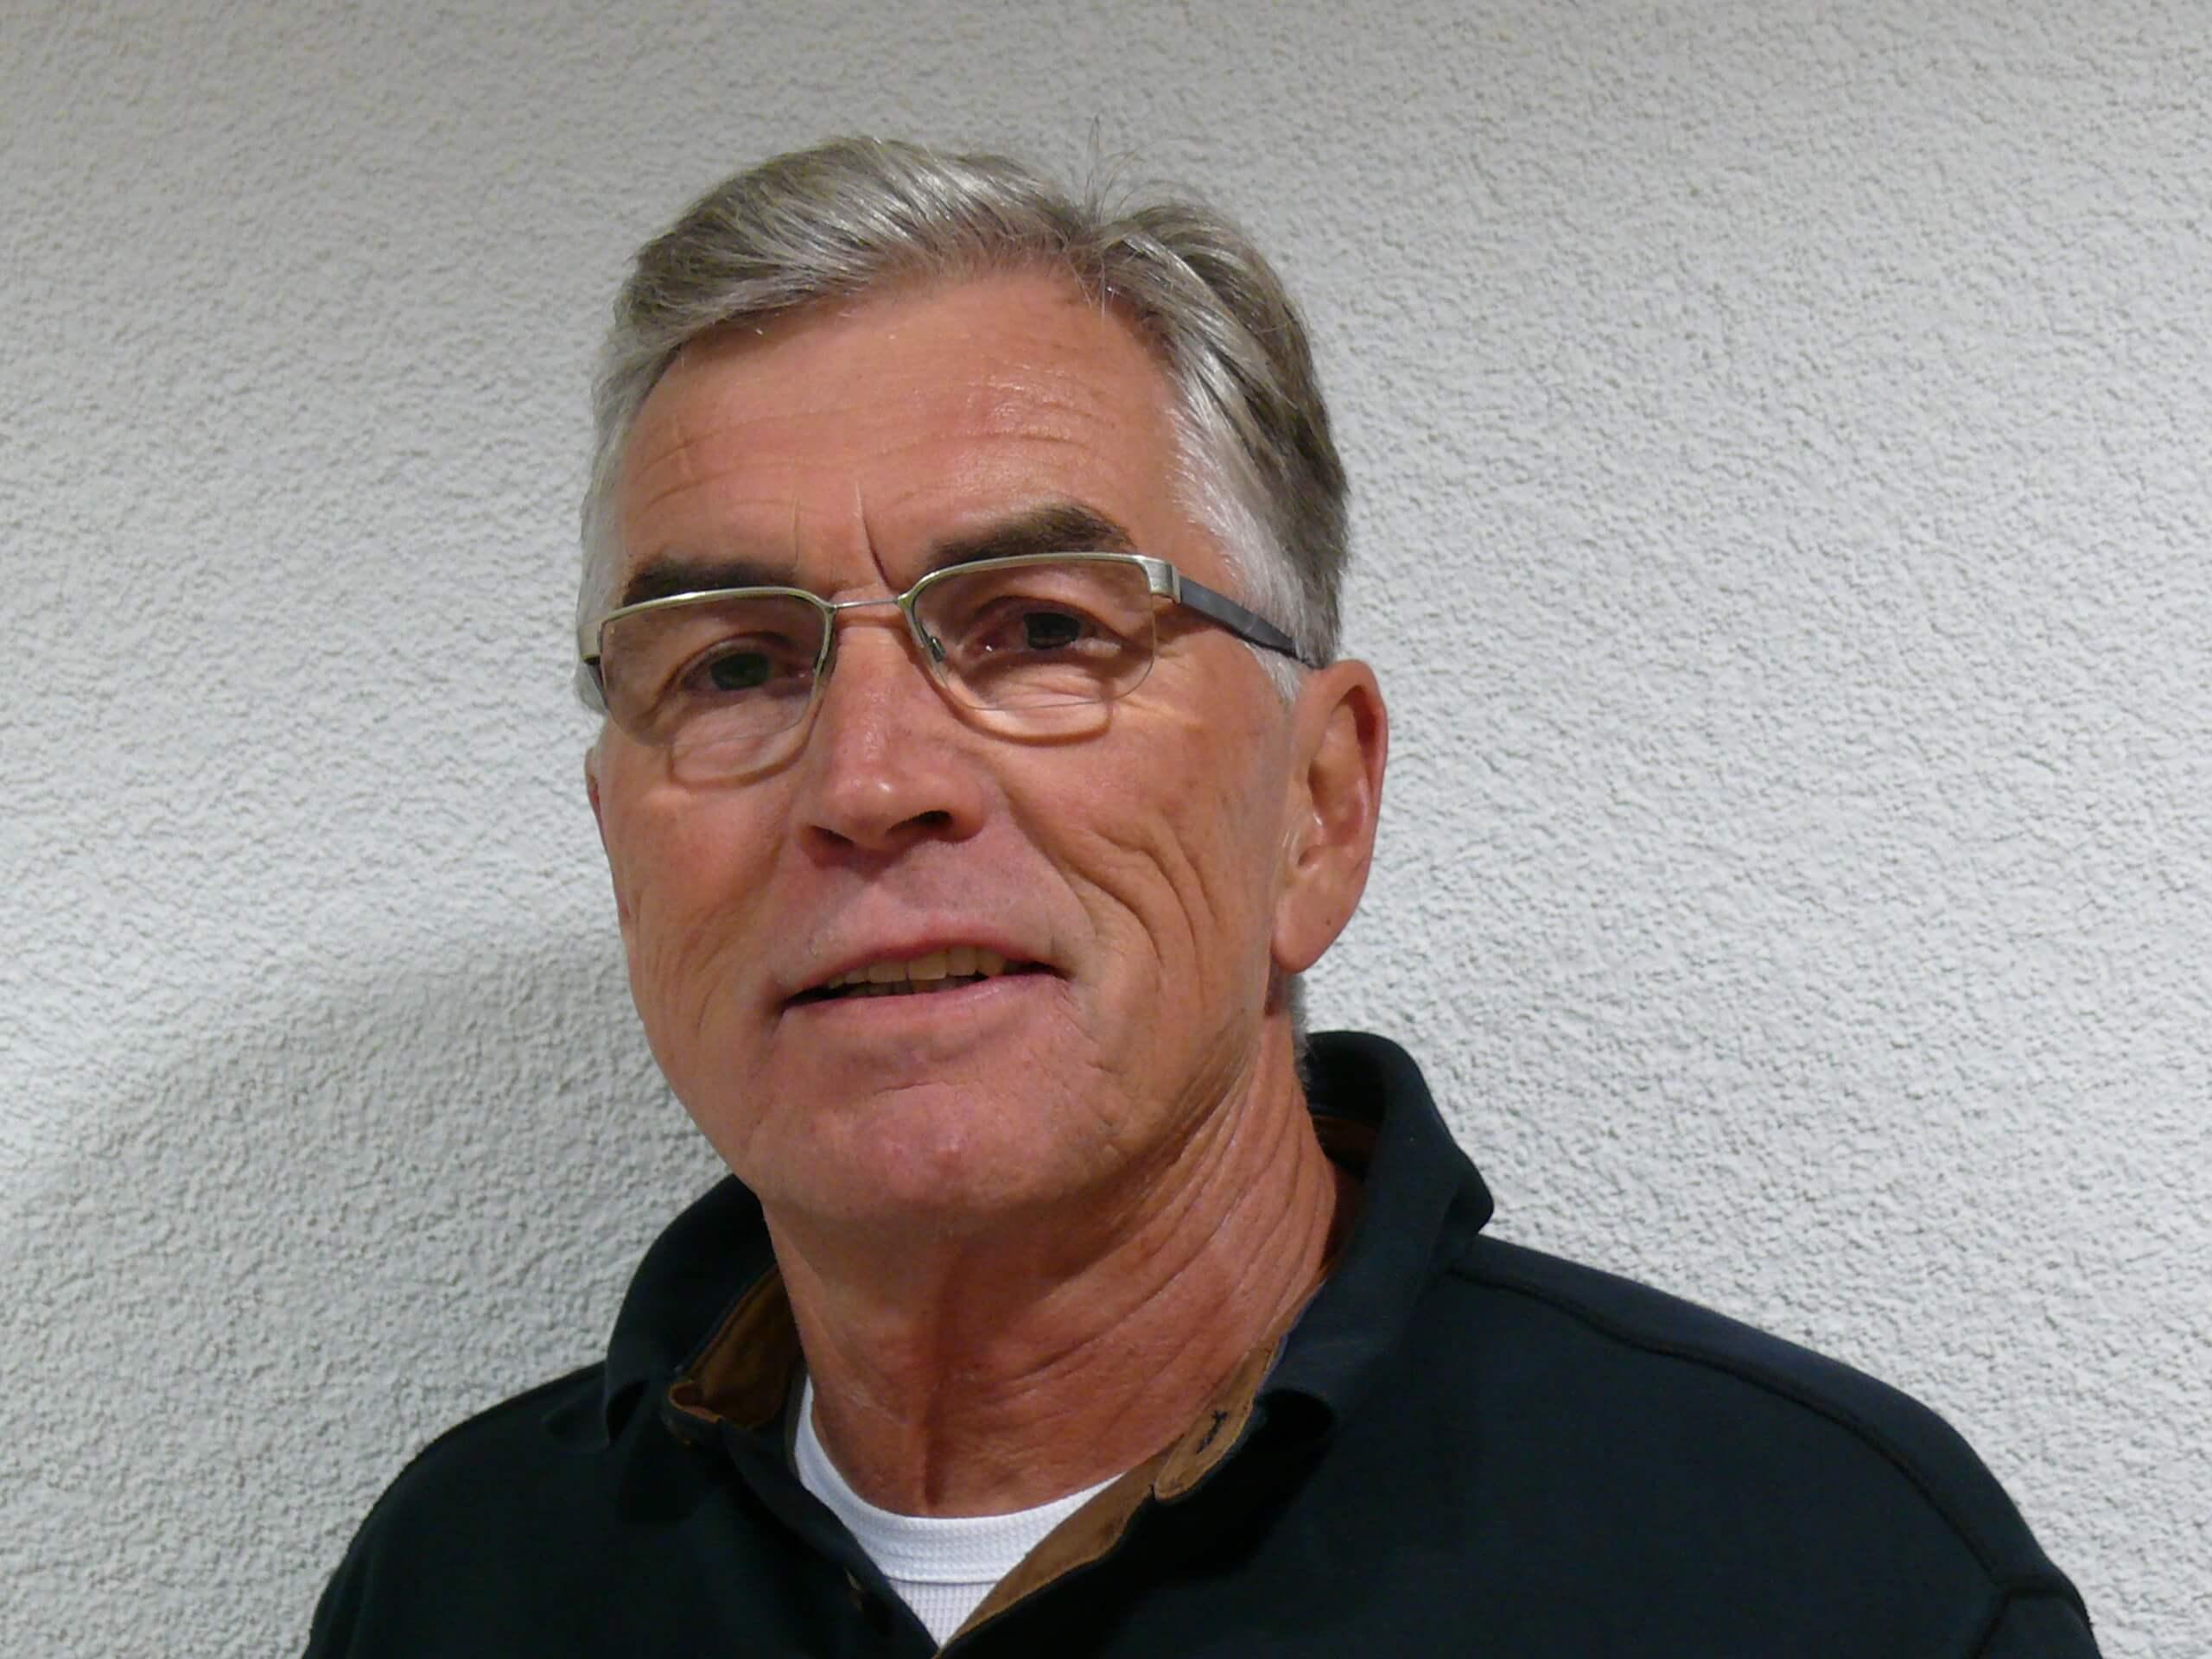 Werner Pogadl